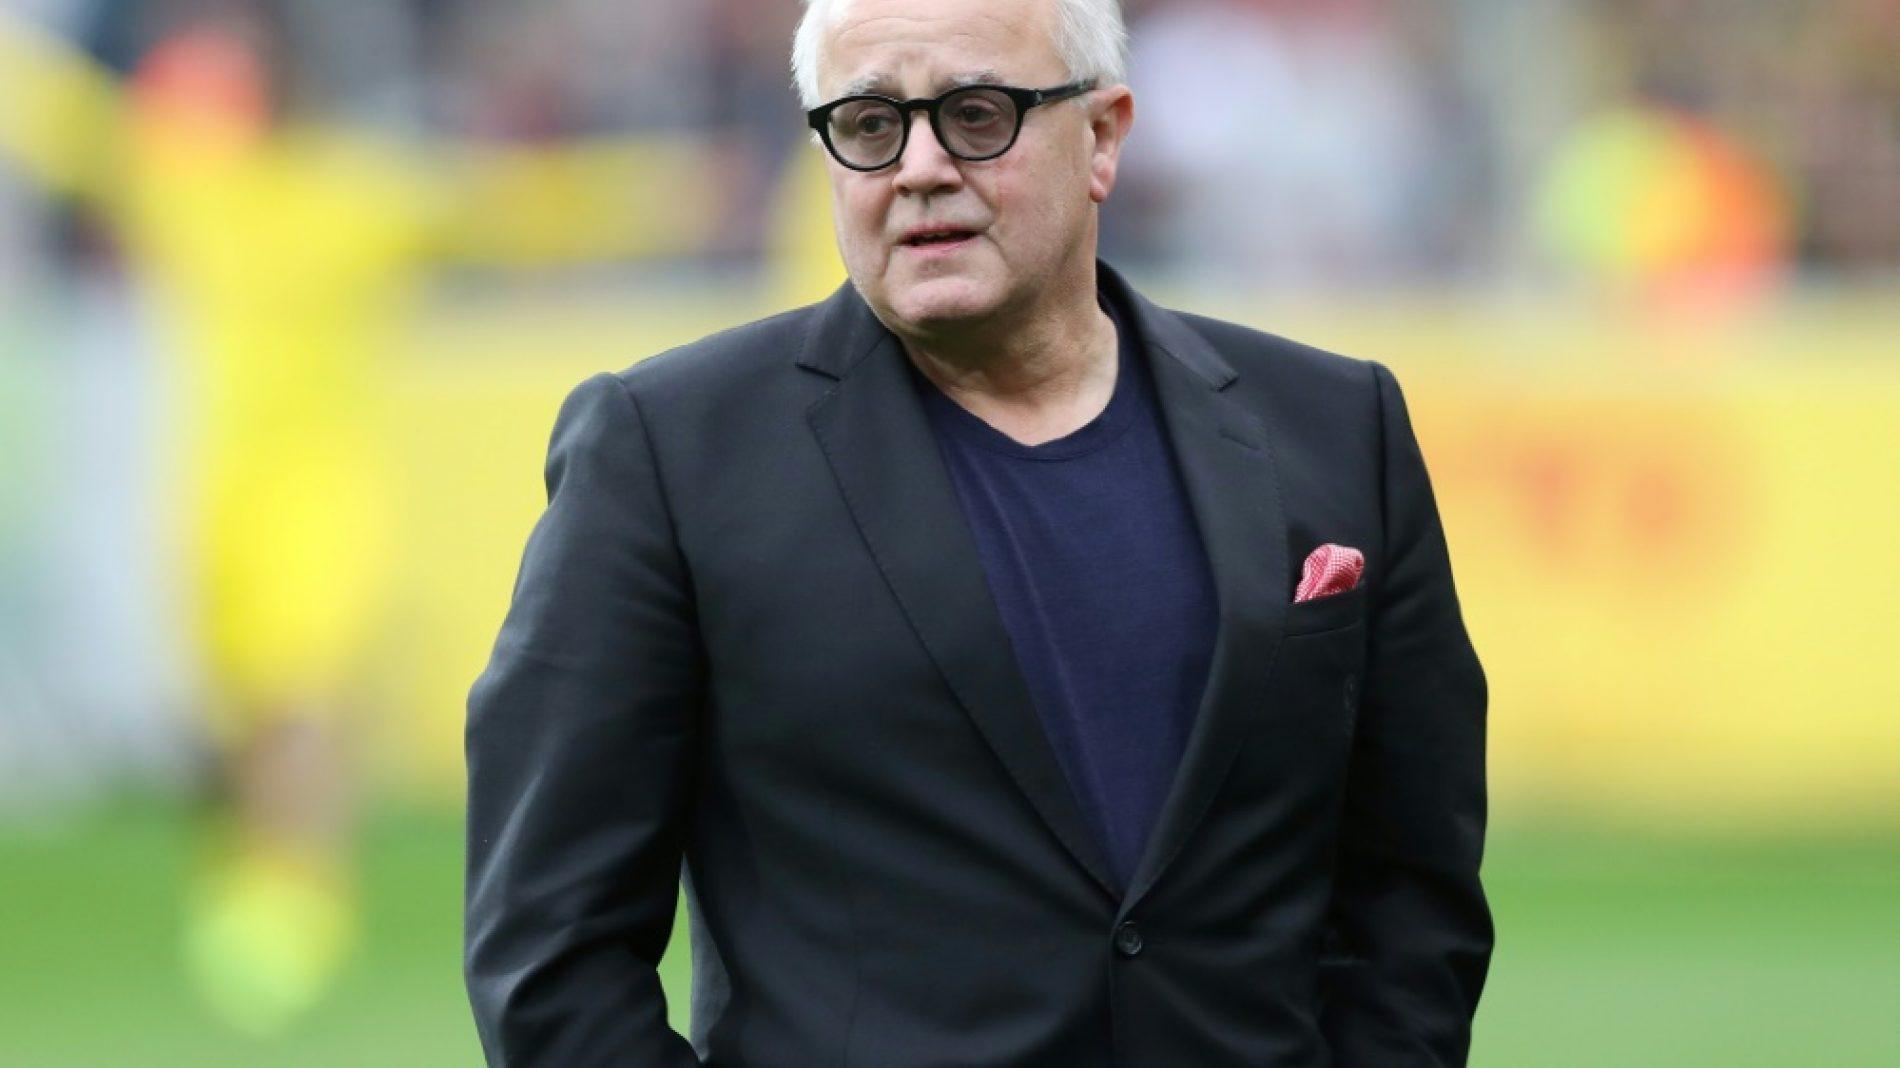 德足协主席:四强三个德国教练,是对其他德国球队的鼓励